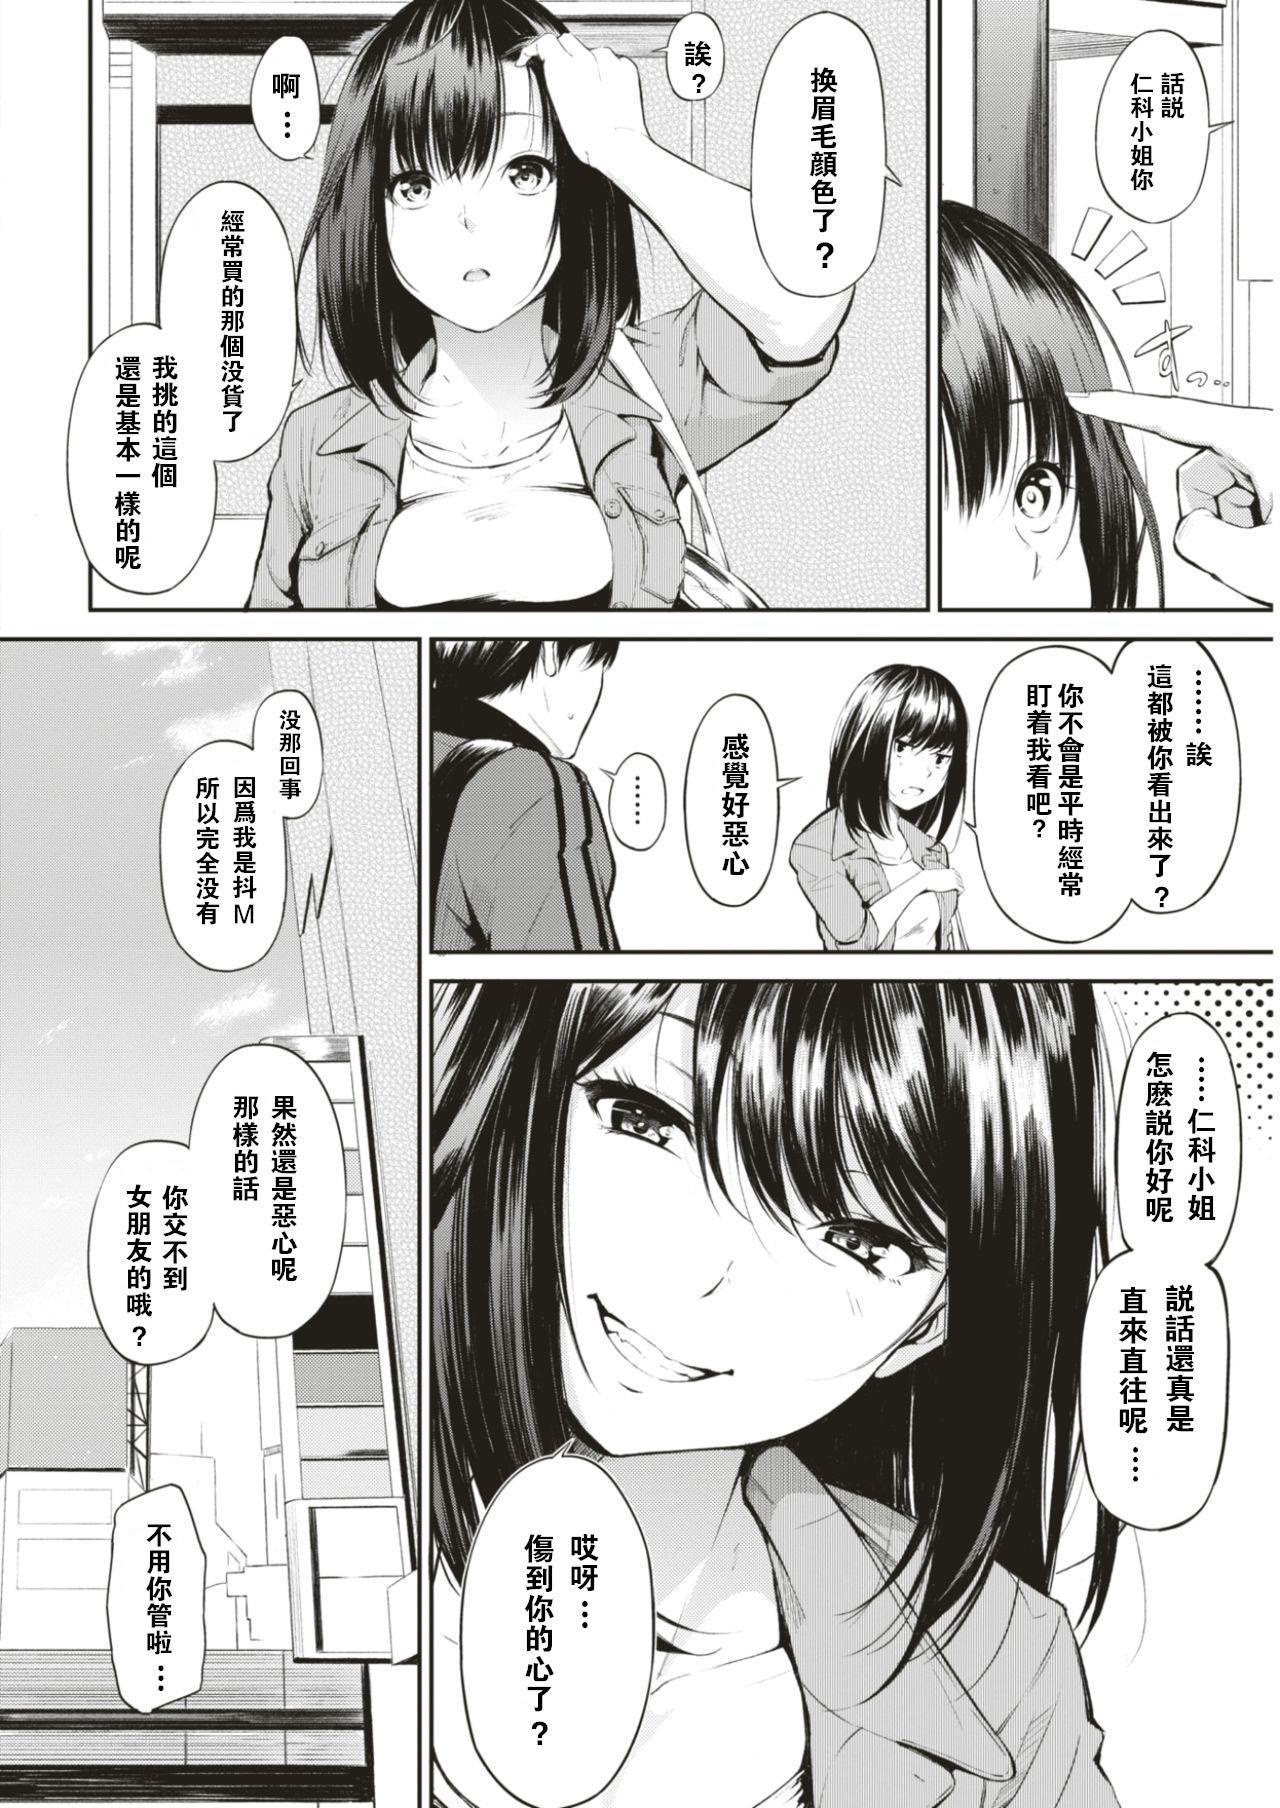 Nishina-san 2